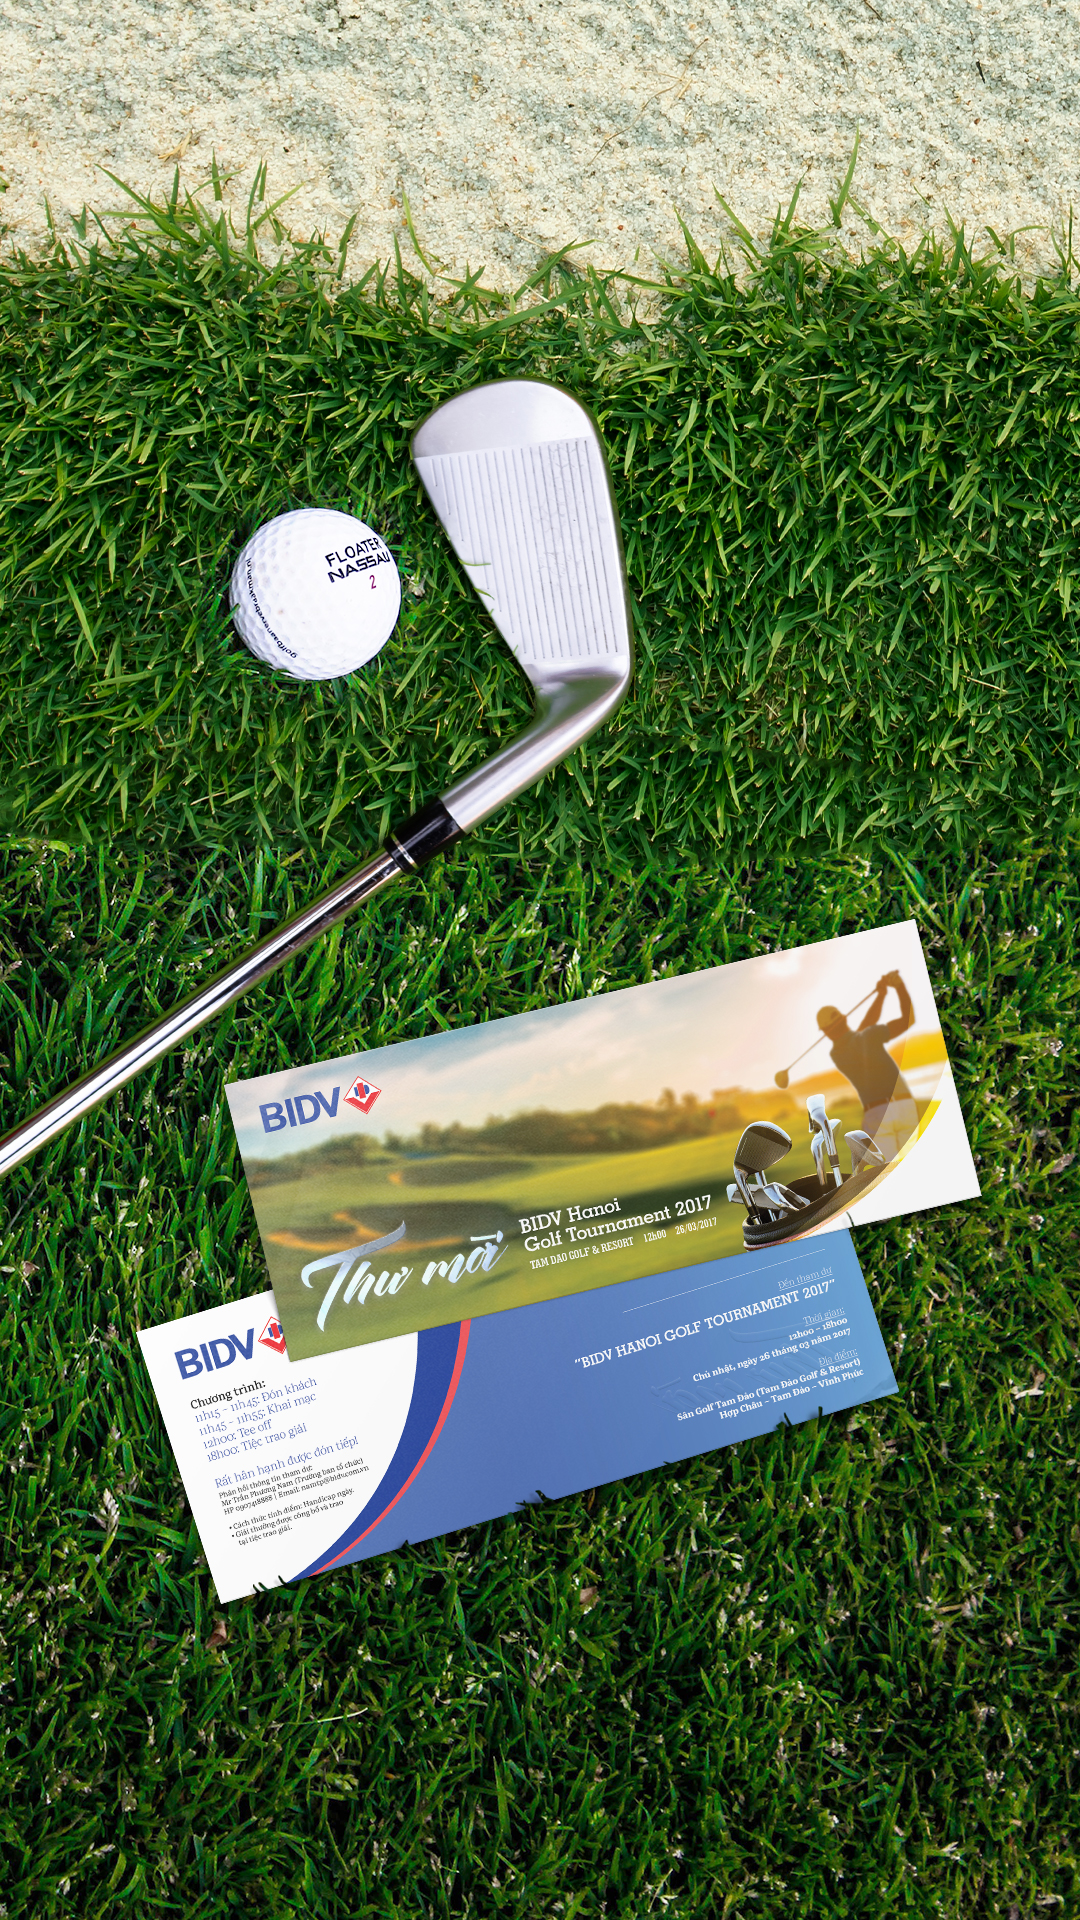 BIDV Golf Tournament Invitation Card